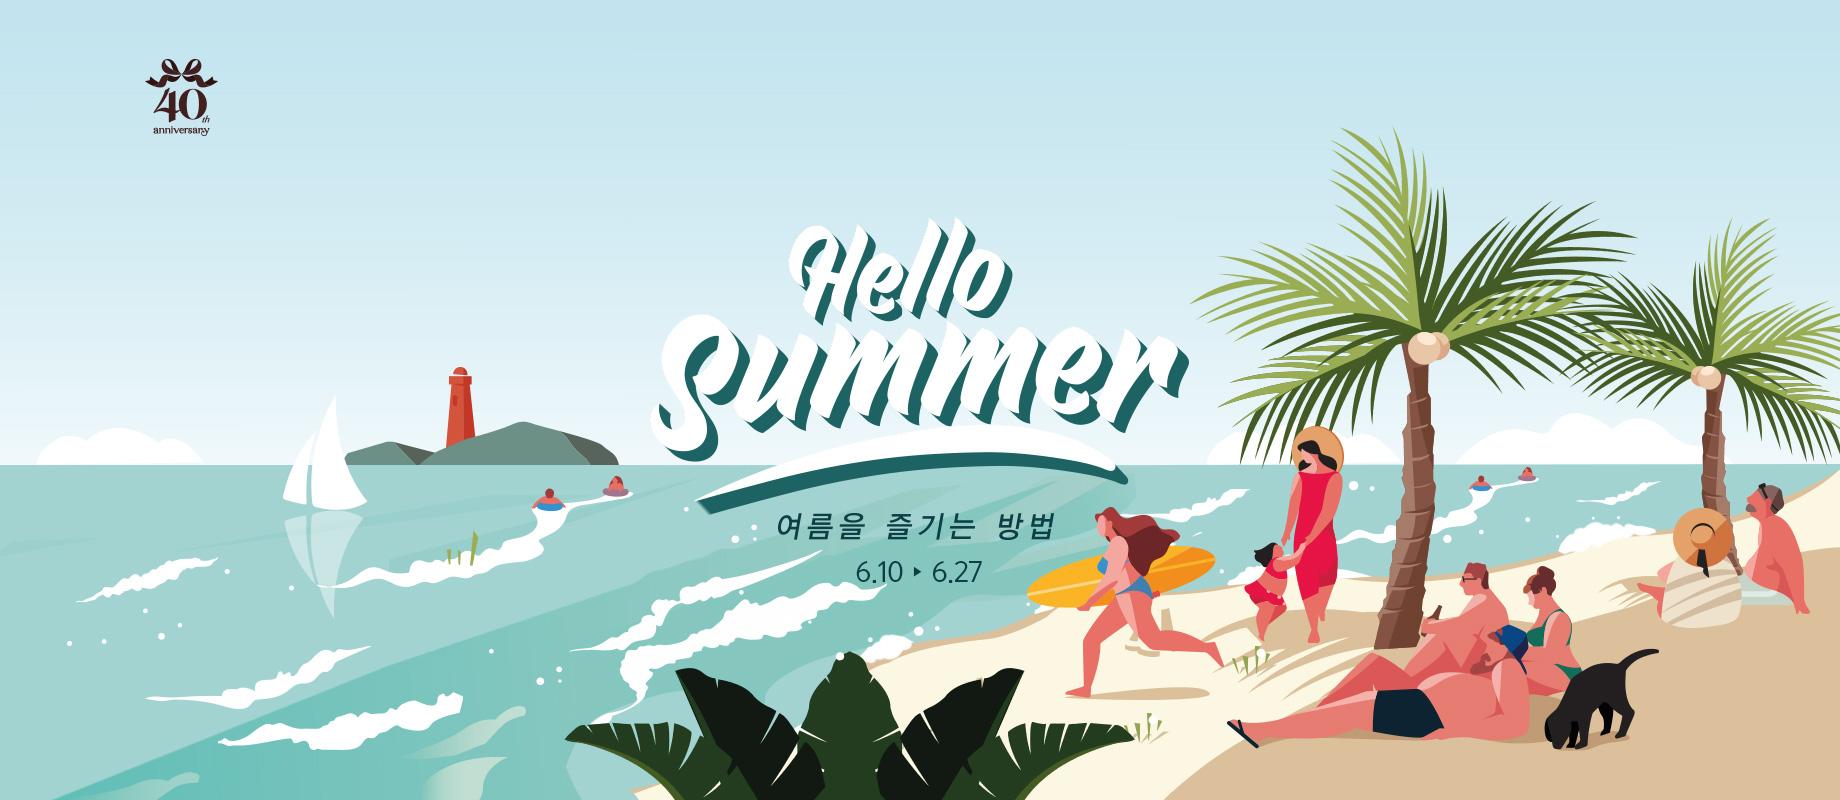 여름을 즐기는 방법_아울렛_홈페이지_06100627